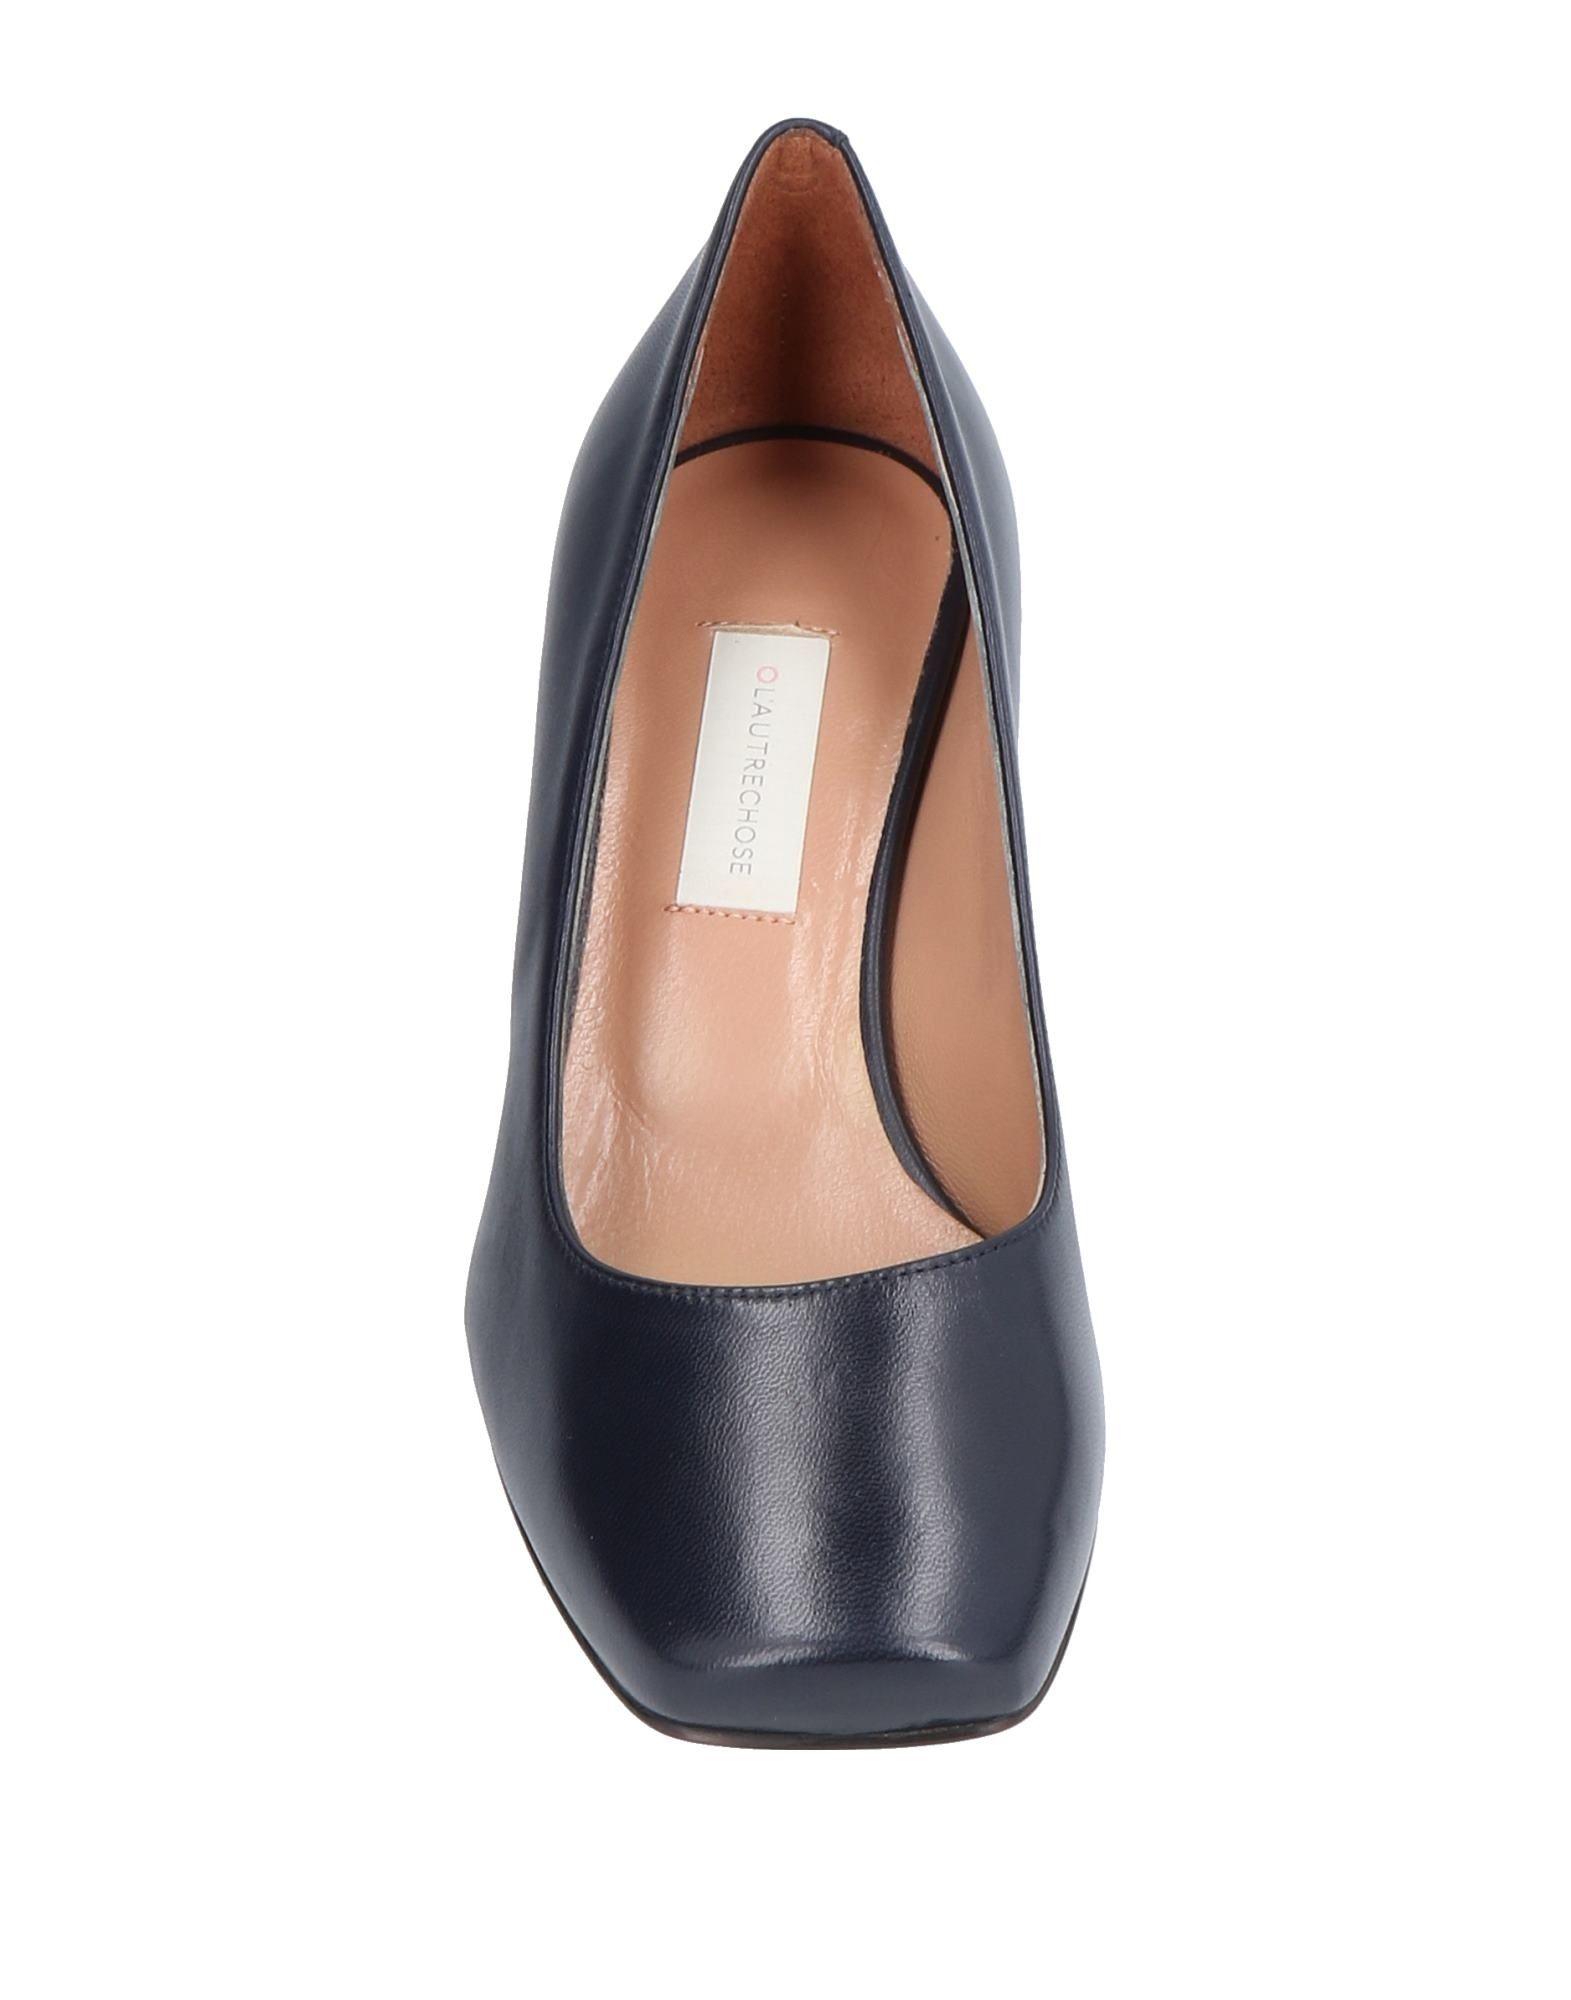 Stilvolle Chose billige Schuhe L' Autre Chose Stilvolle Pumps Damen  11487282EL 12fbb7